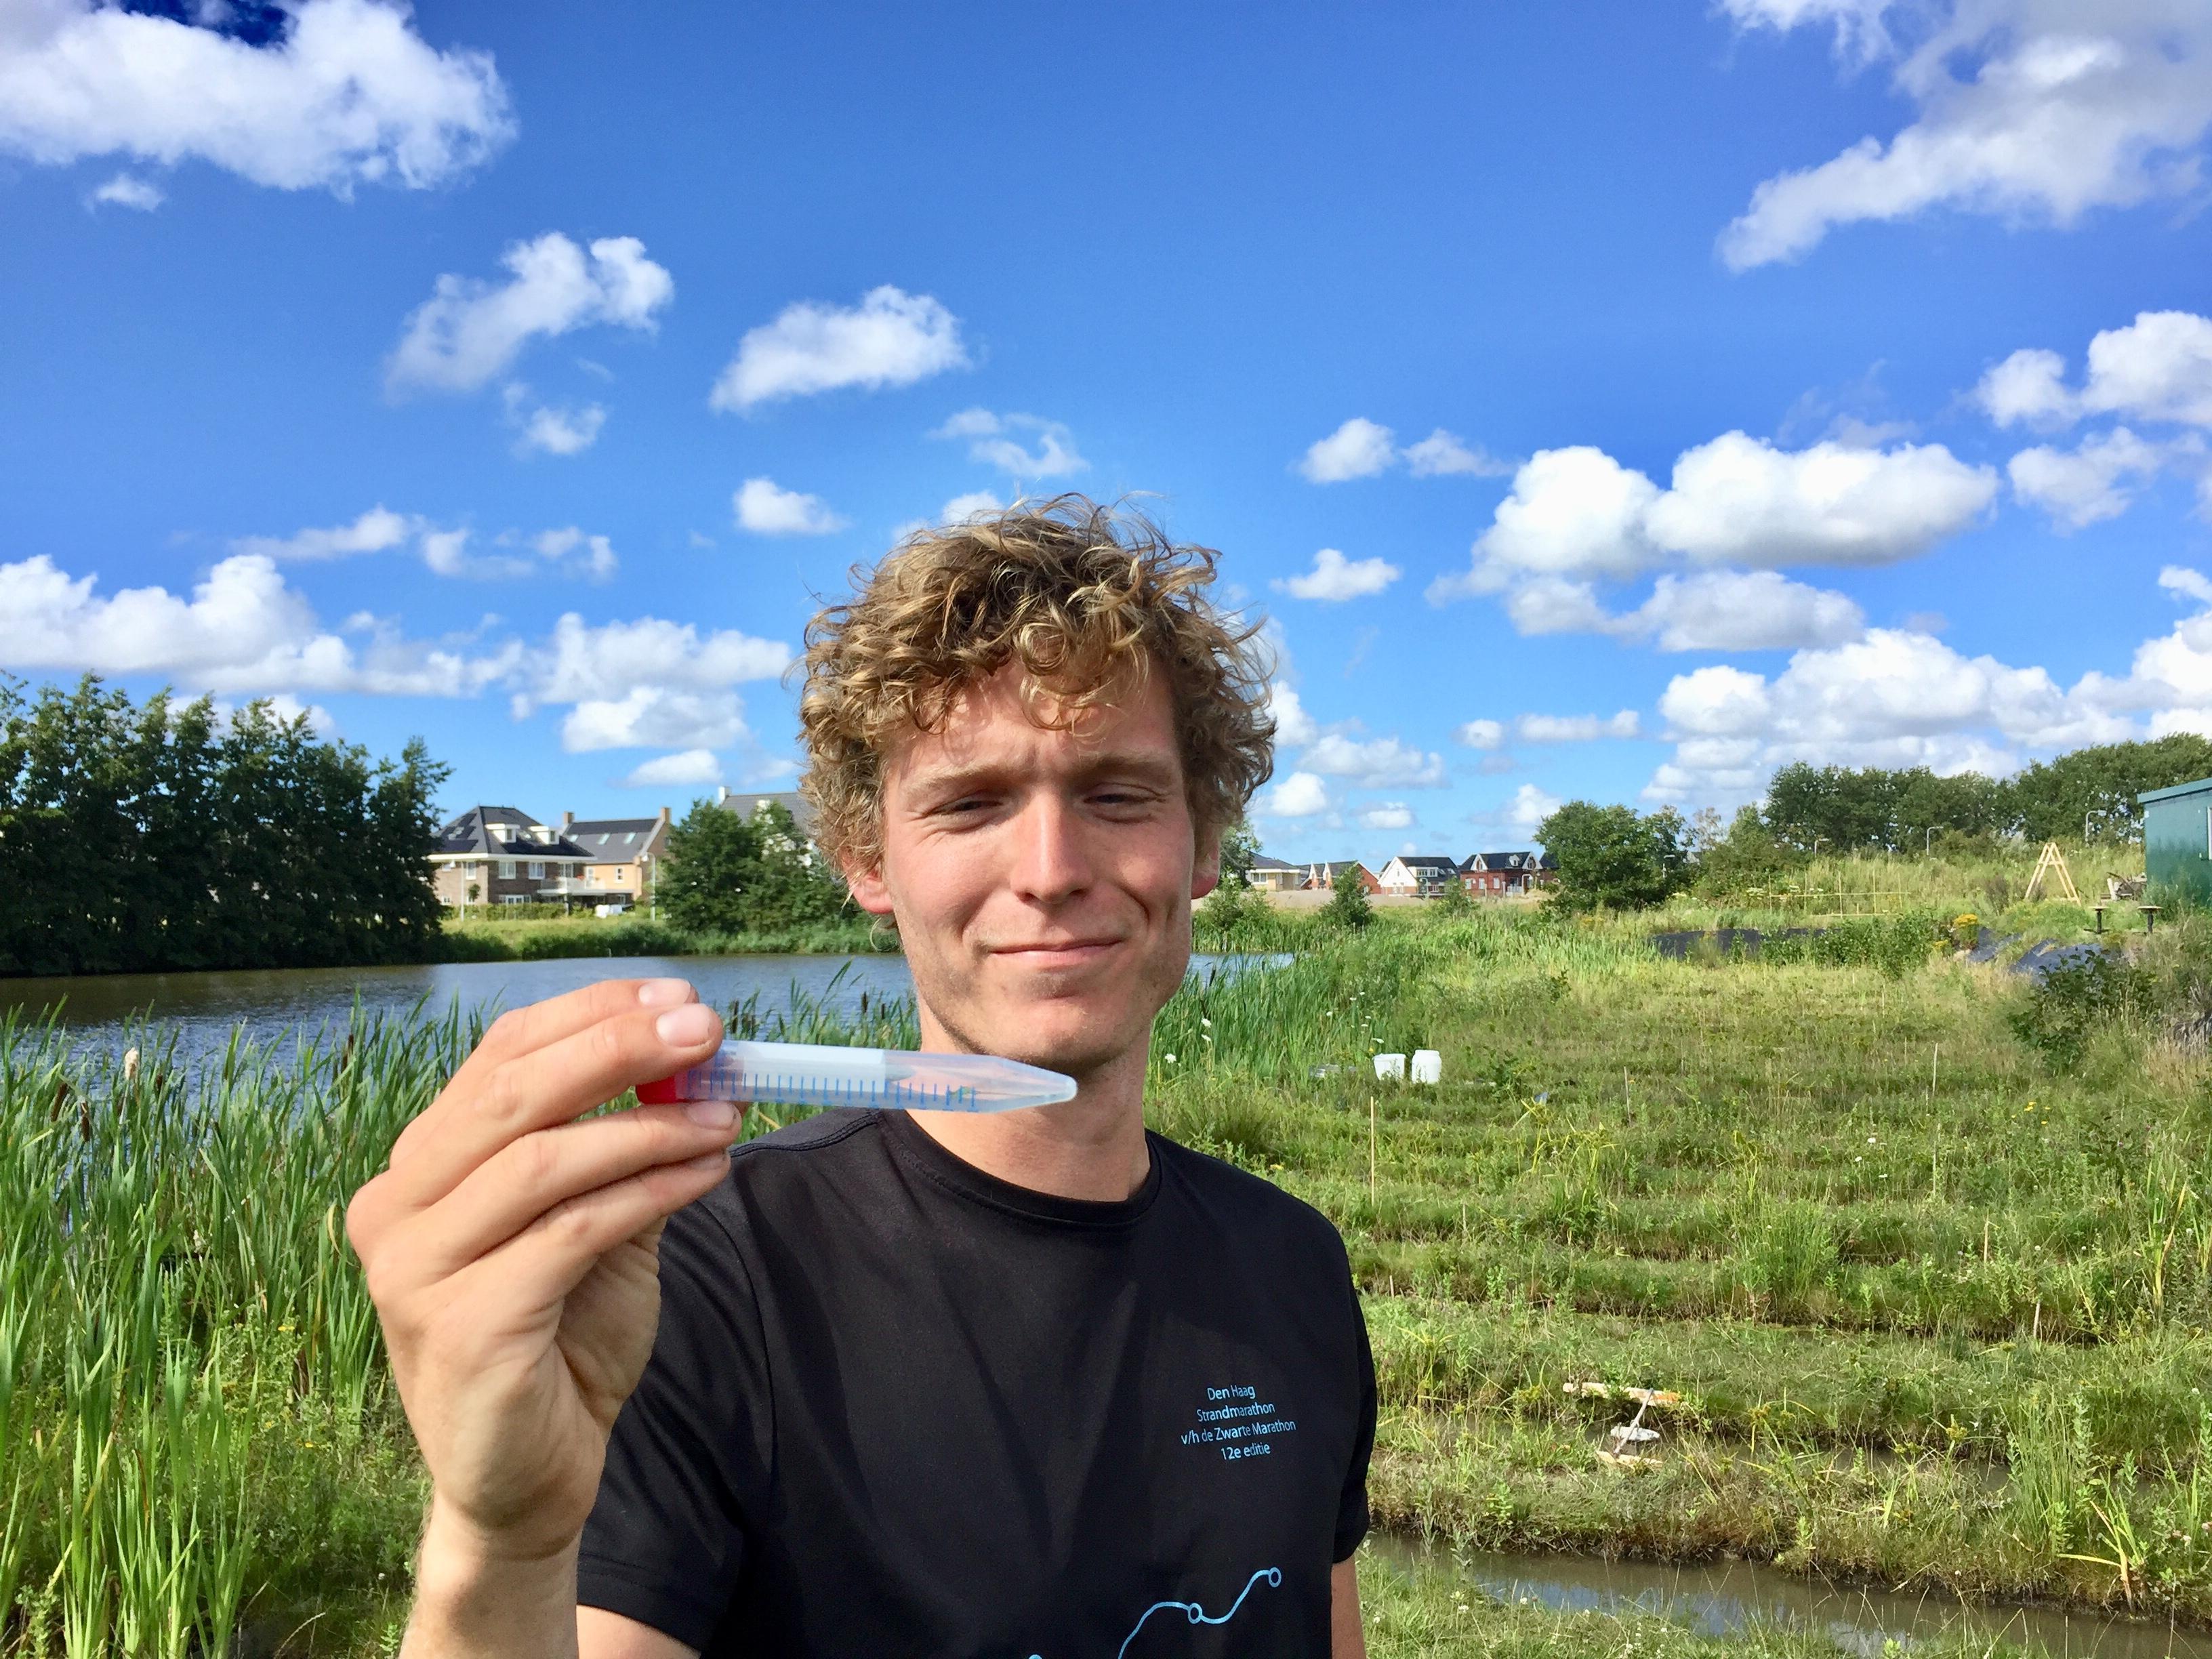 Wat doen die nanodeeltjes in de sloot? Levend Lab in Leiden onderzoekt effect van titaniumdioxide op het waterleven